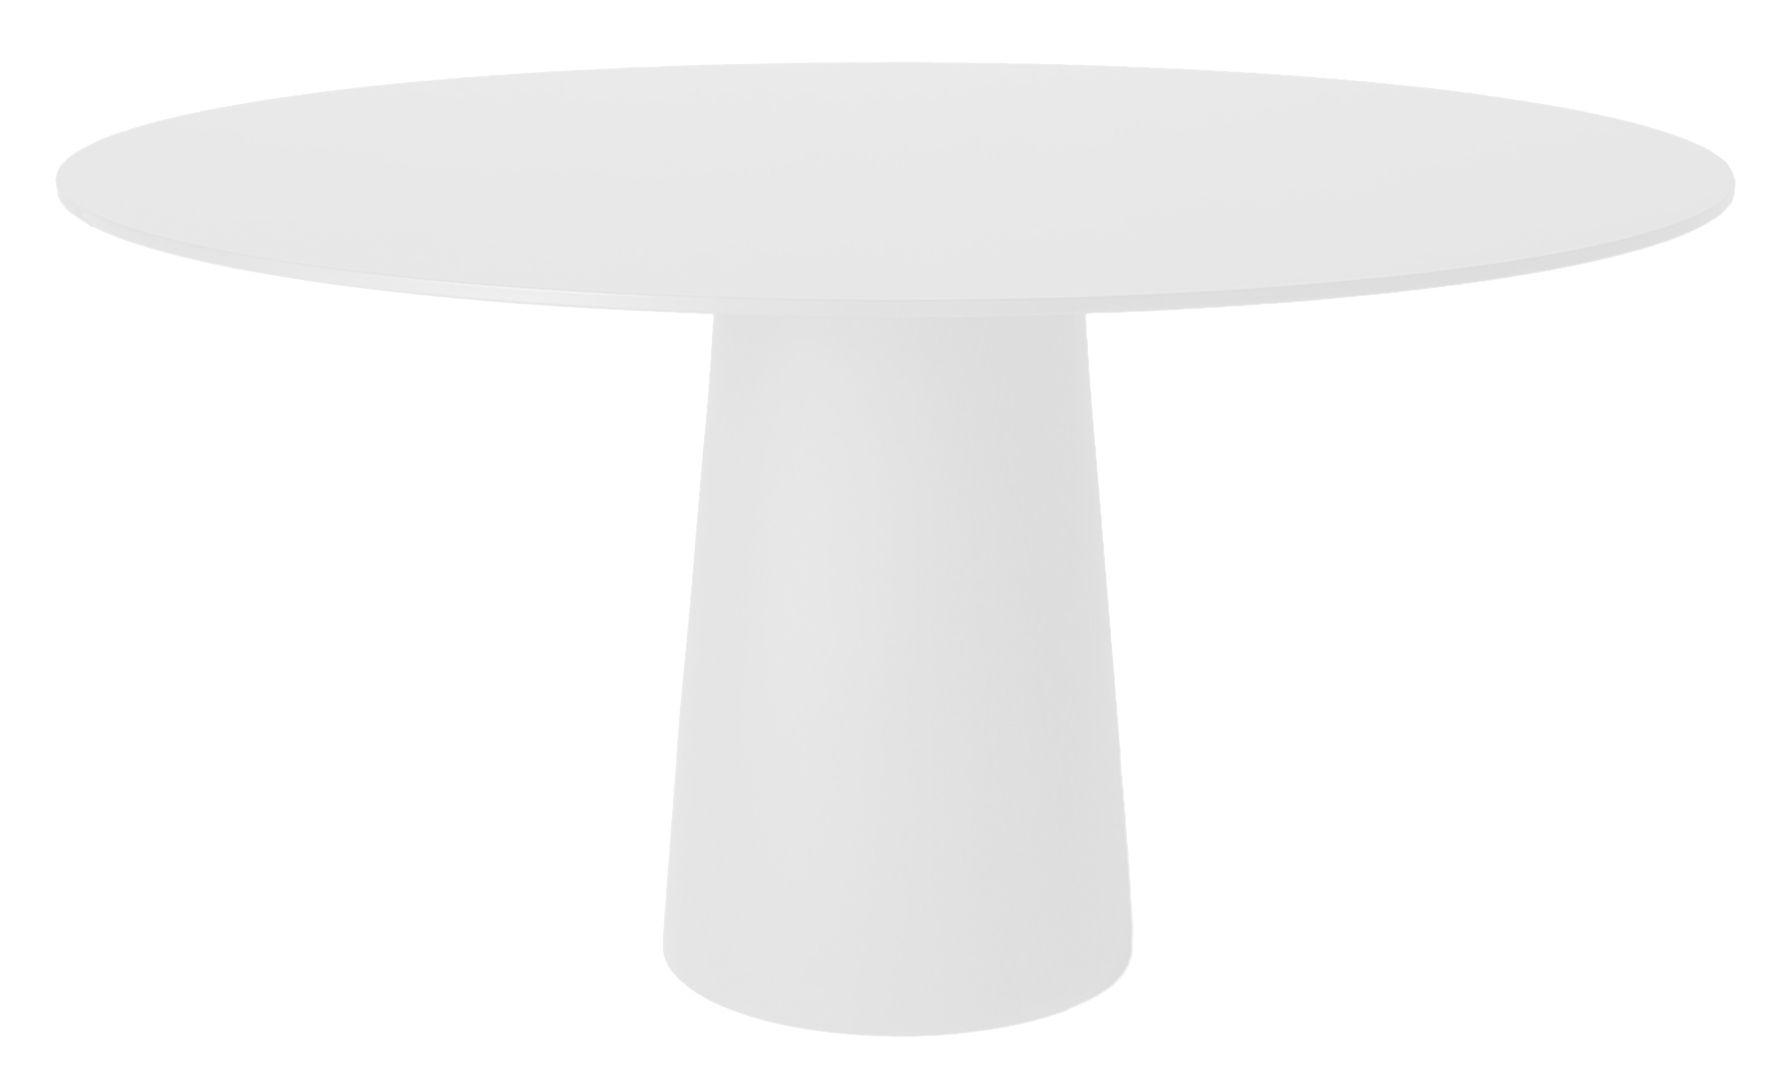 Outdoor - Tavoli  - Accessorio tavolo / Pied pour table Container - del tavolo Container - Ø 43 cm di Moooi - Gamba colore bianco Ø 43 cm - Polipropilene